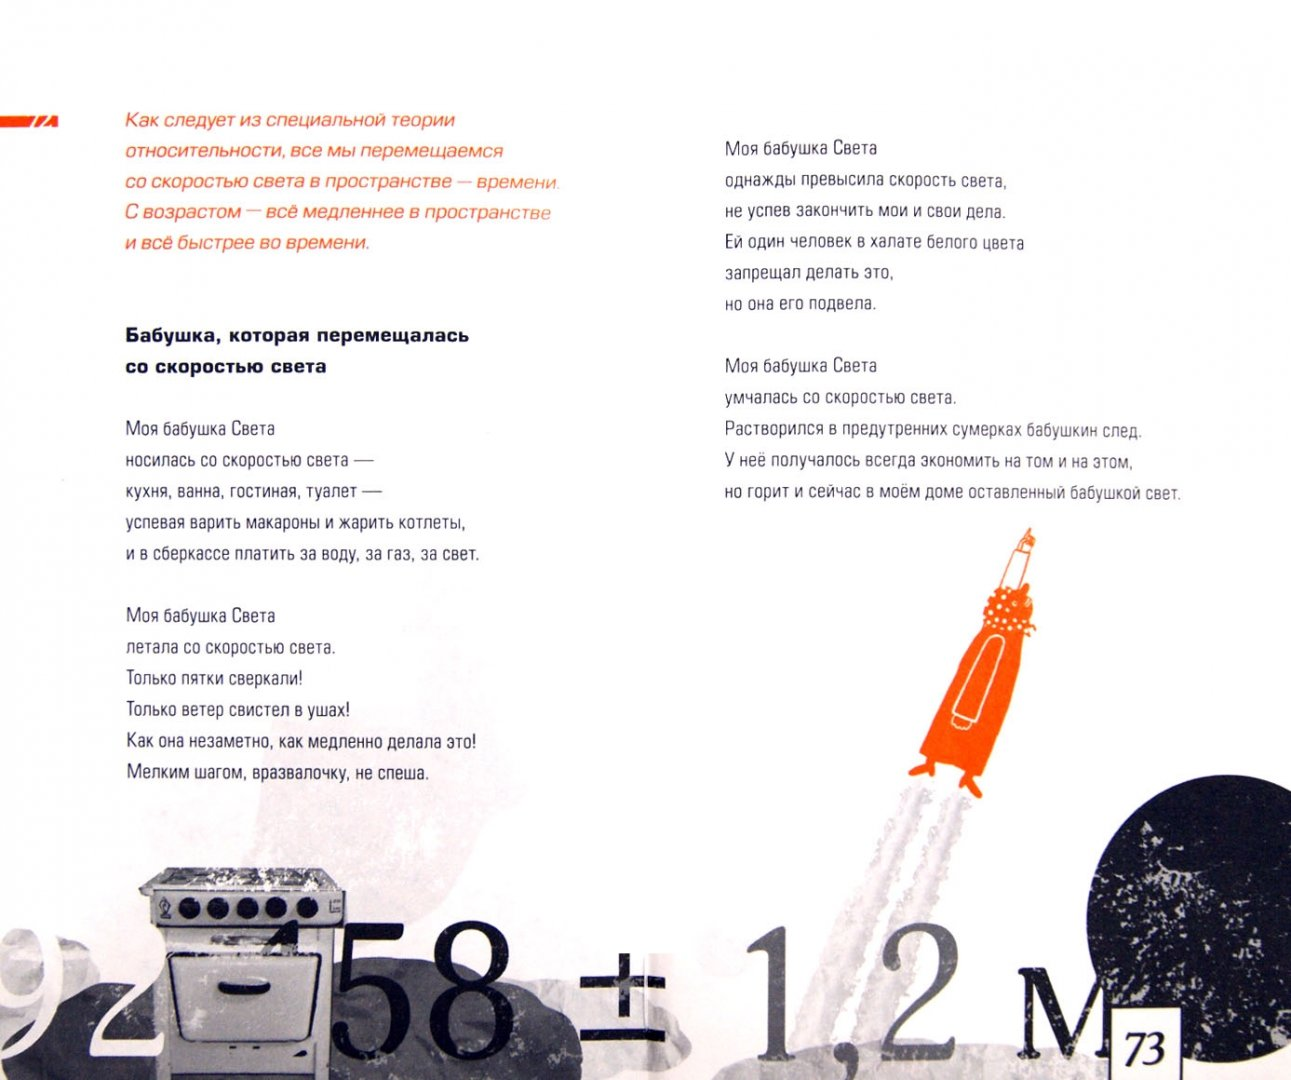 Иллюстрация 1 из 3 для Луна за диваном - Михаил Есеновский   Лабиринт - книги. Источник: Лабиринт